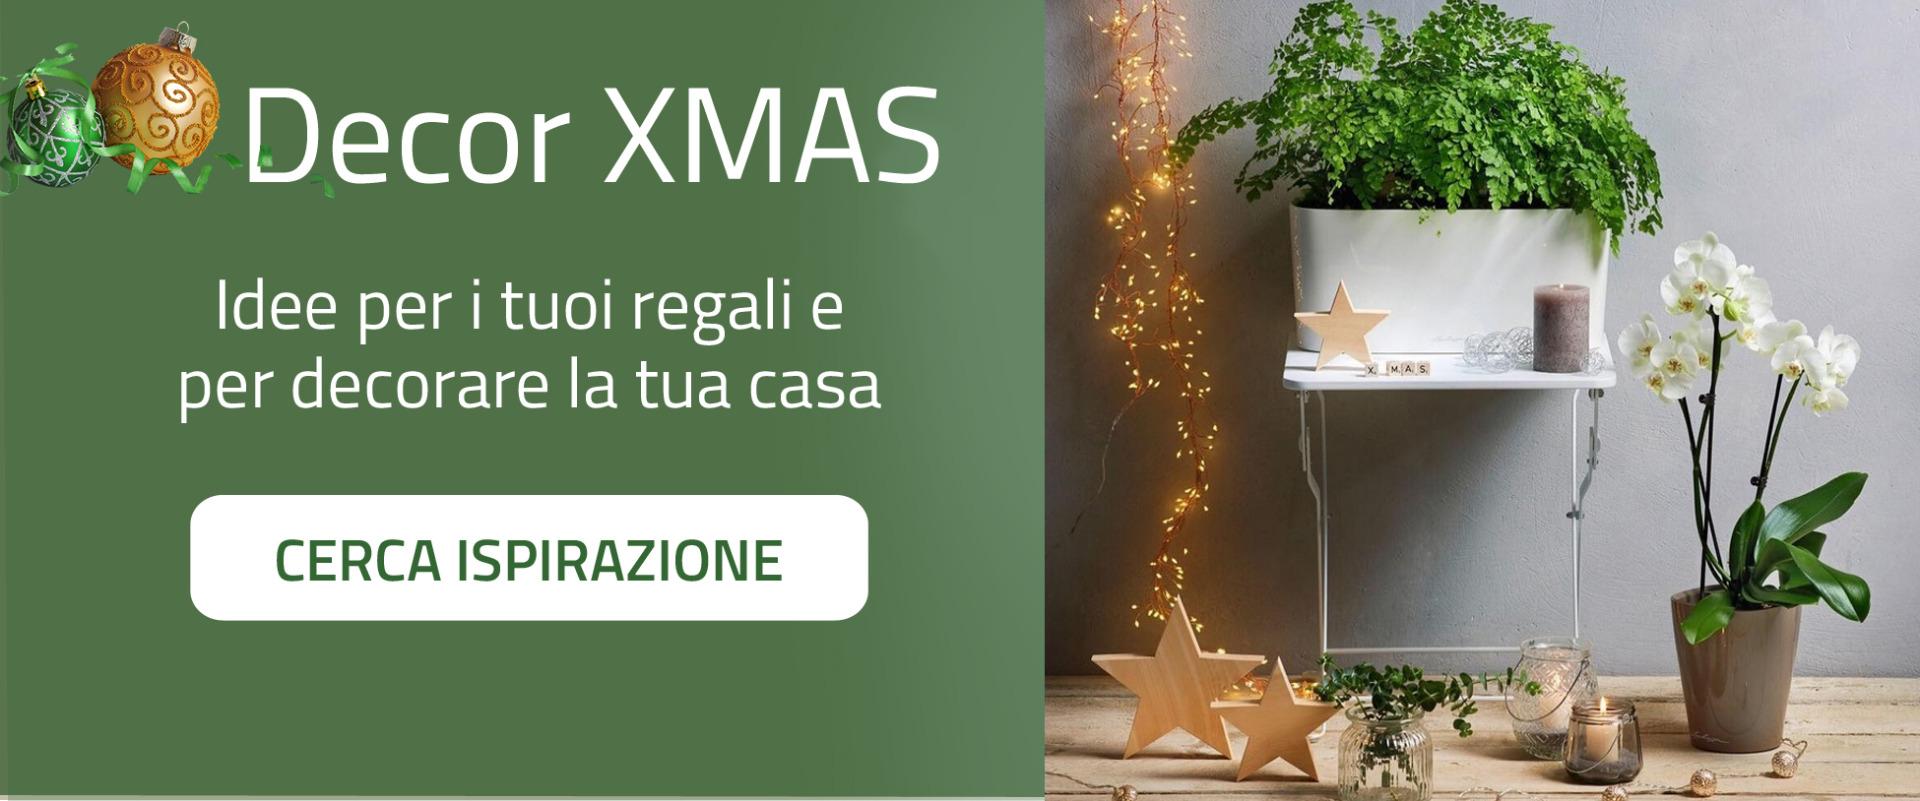 Idee per i tuoi regali e per decorare la casa per il Natale